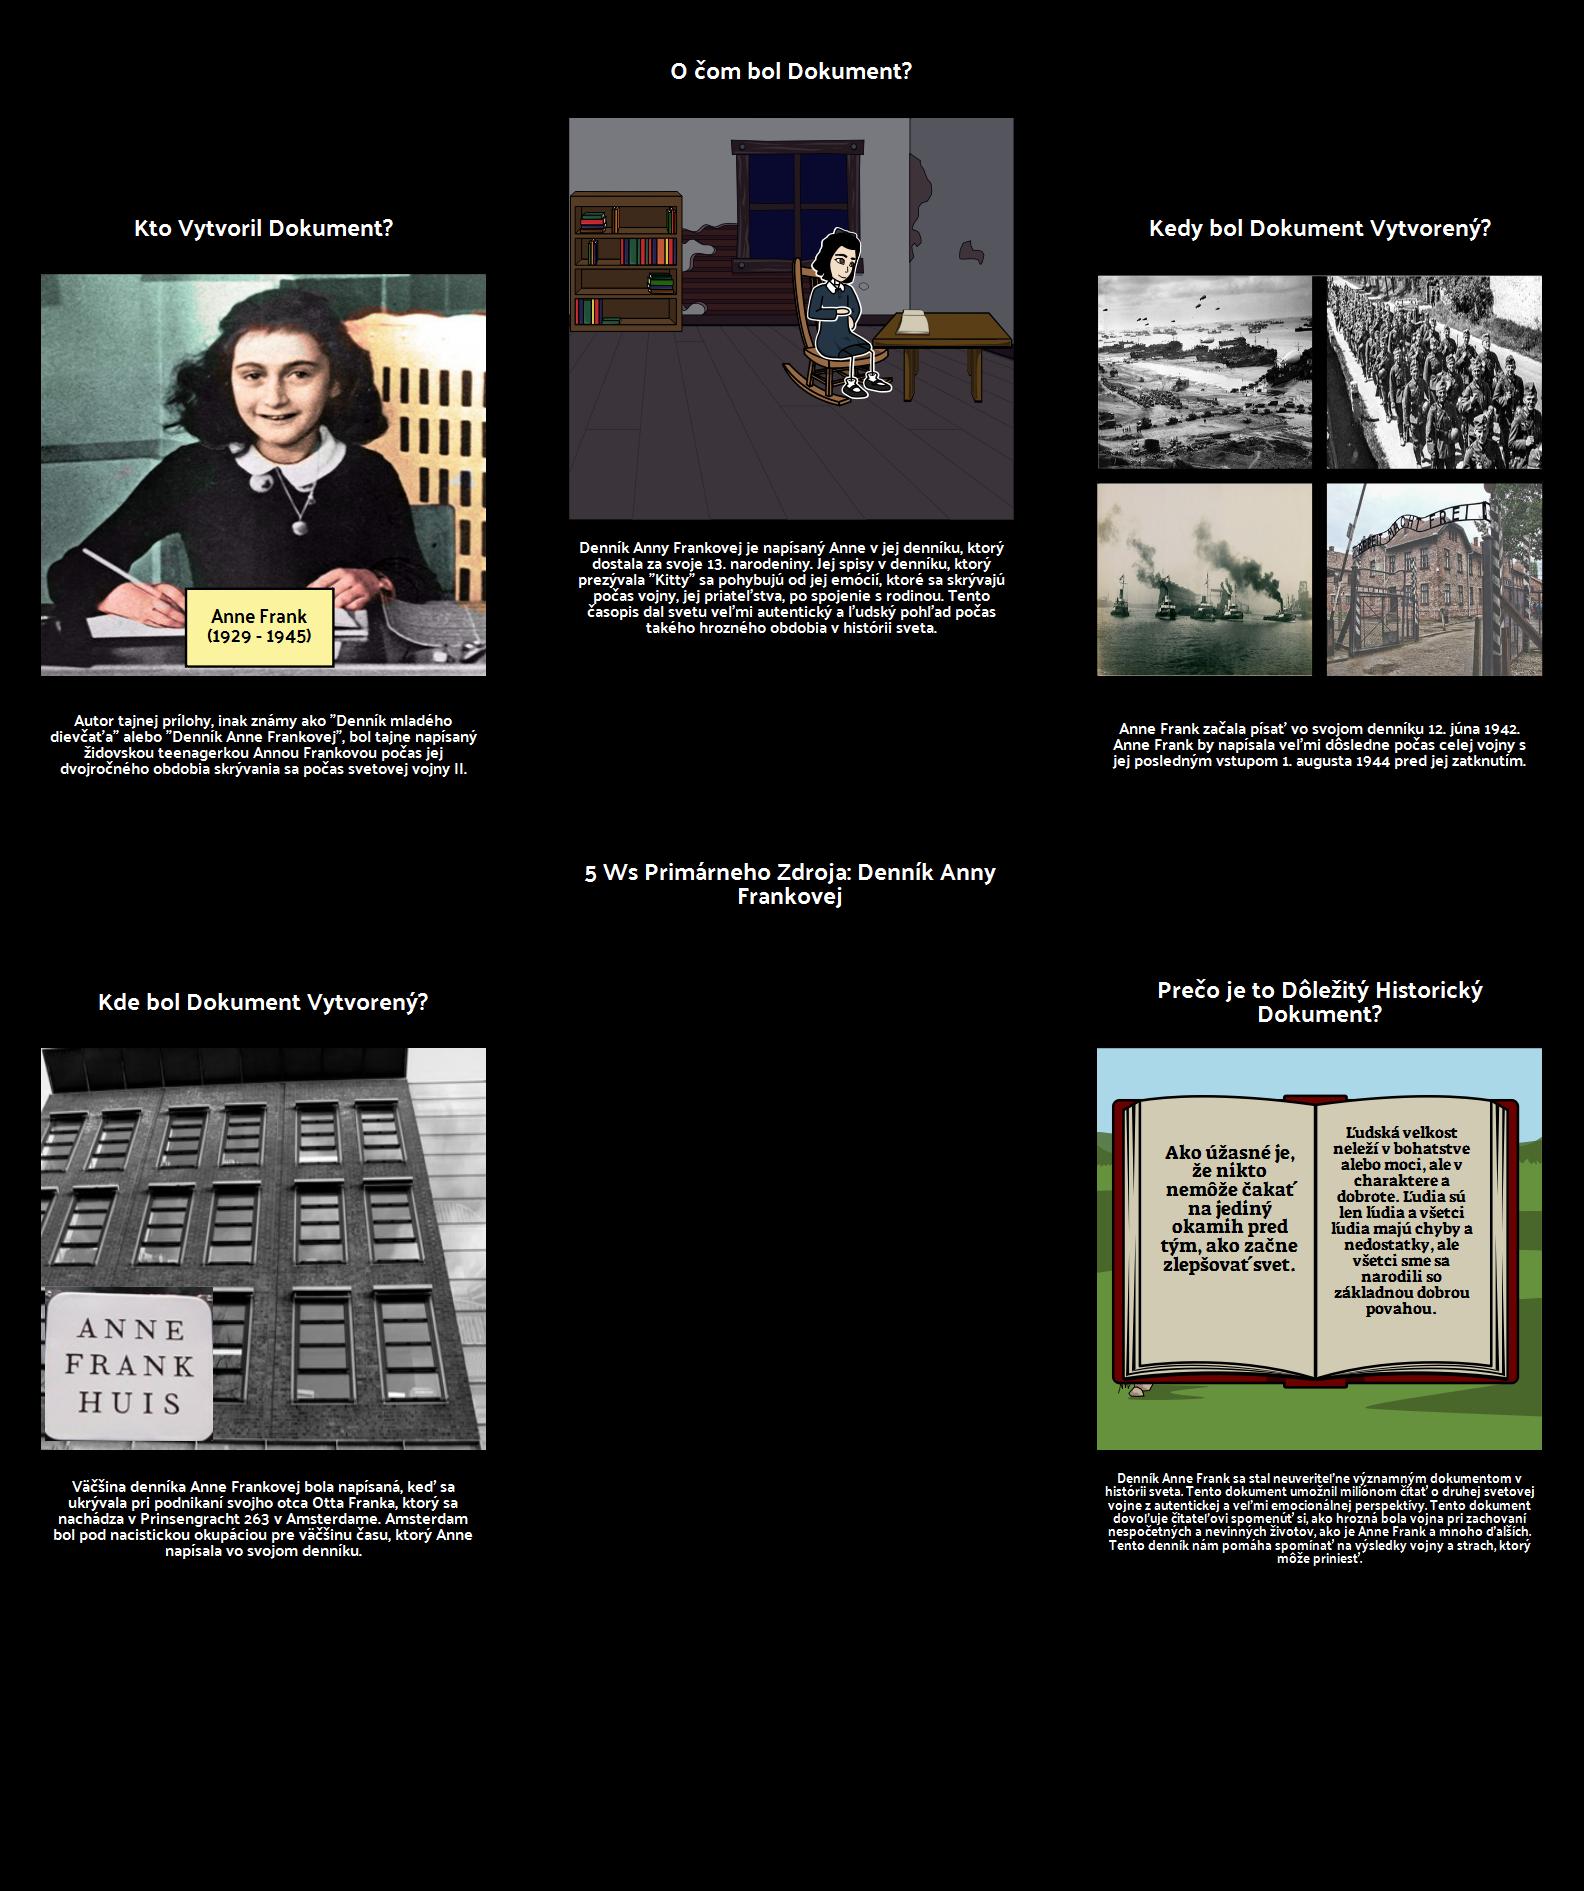 Primárne zdroje 5Ws: Denník Anne Frankovej